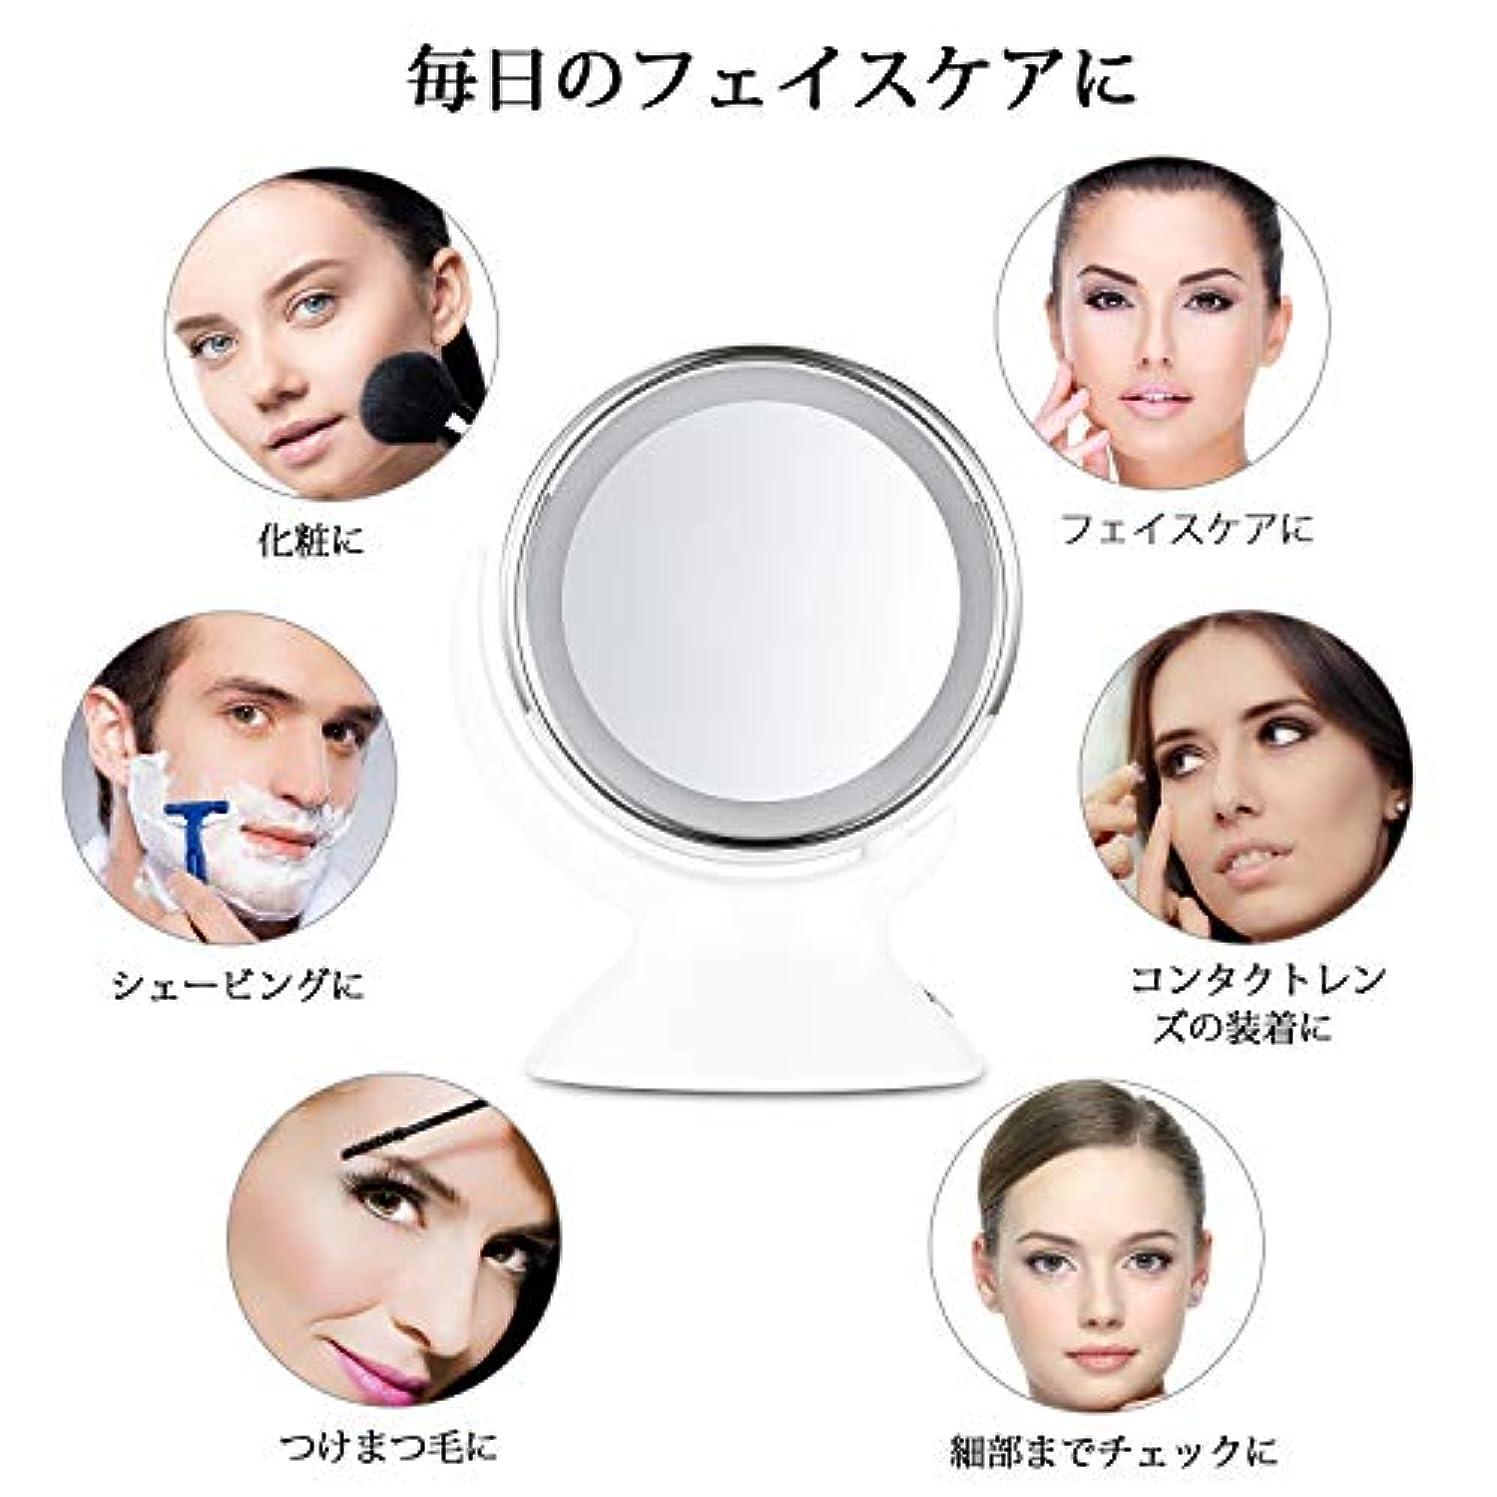 長々とハンドブック苗卓上ミラー Nexgadget LED ミラー 鏡 両面鏡 5倍 拡大鏡 女優ミラー 360度調整可能 単三電池付